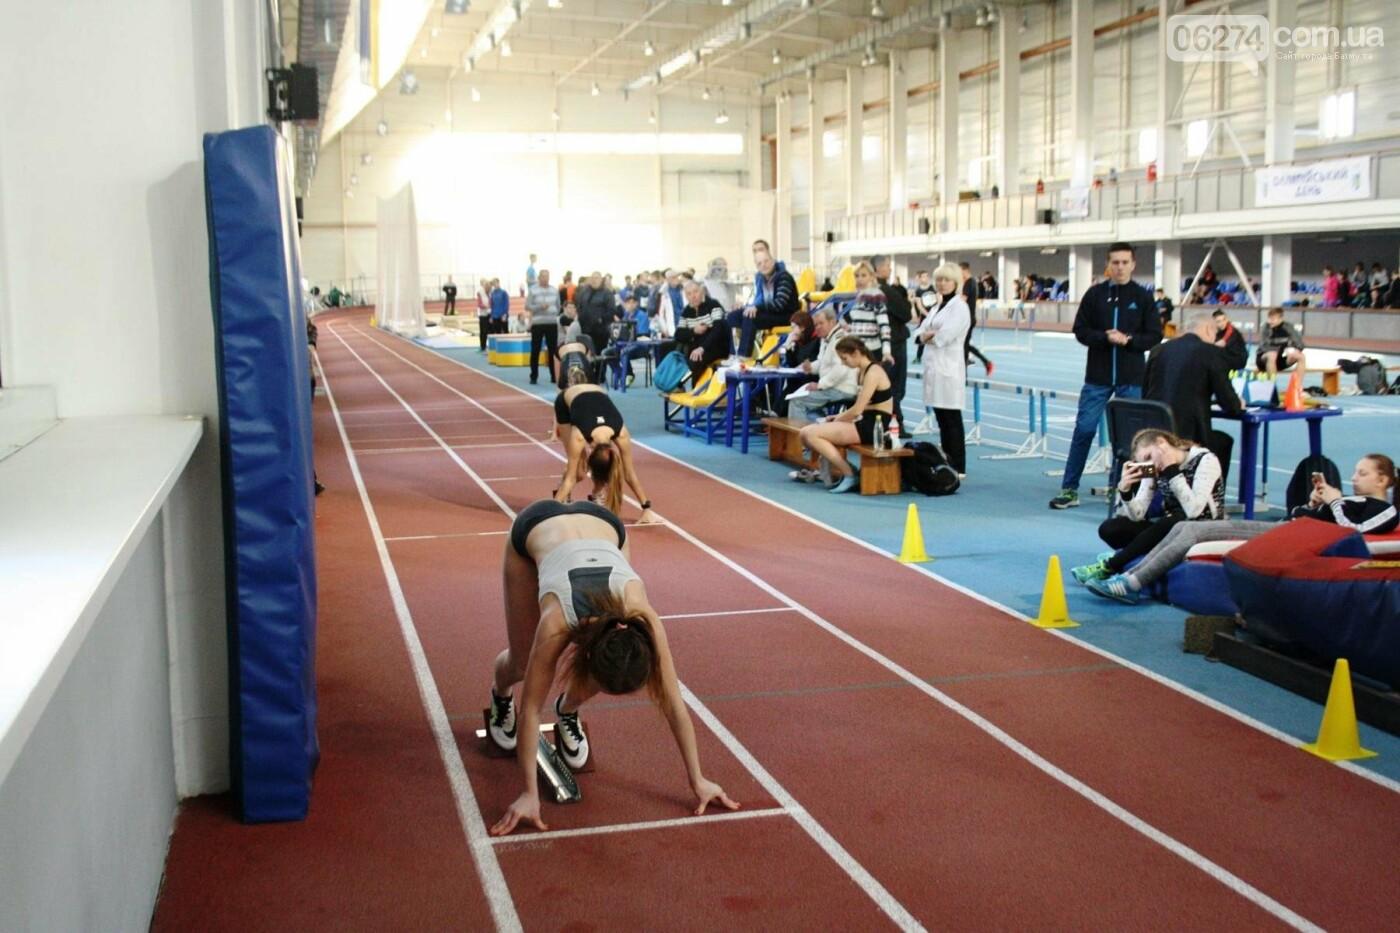 В Бахмуте прошел Открытый чемпионат области по легкой атлетике, фото-3